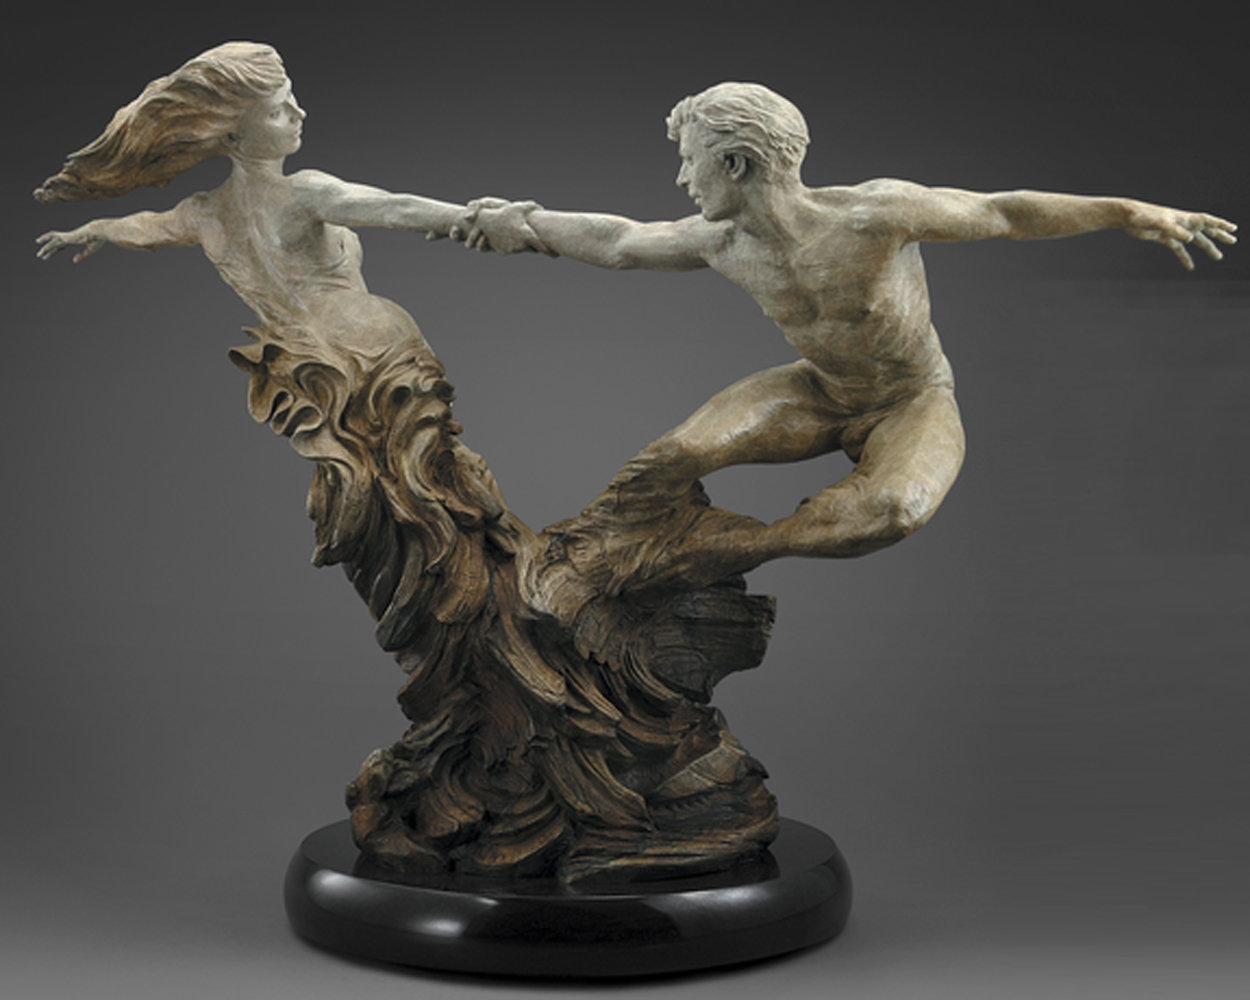 Whirlwind Bronze Sculpture, 2004 59 in  Sculpture by Martin Eichinger